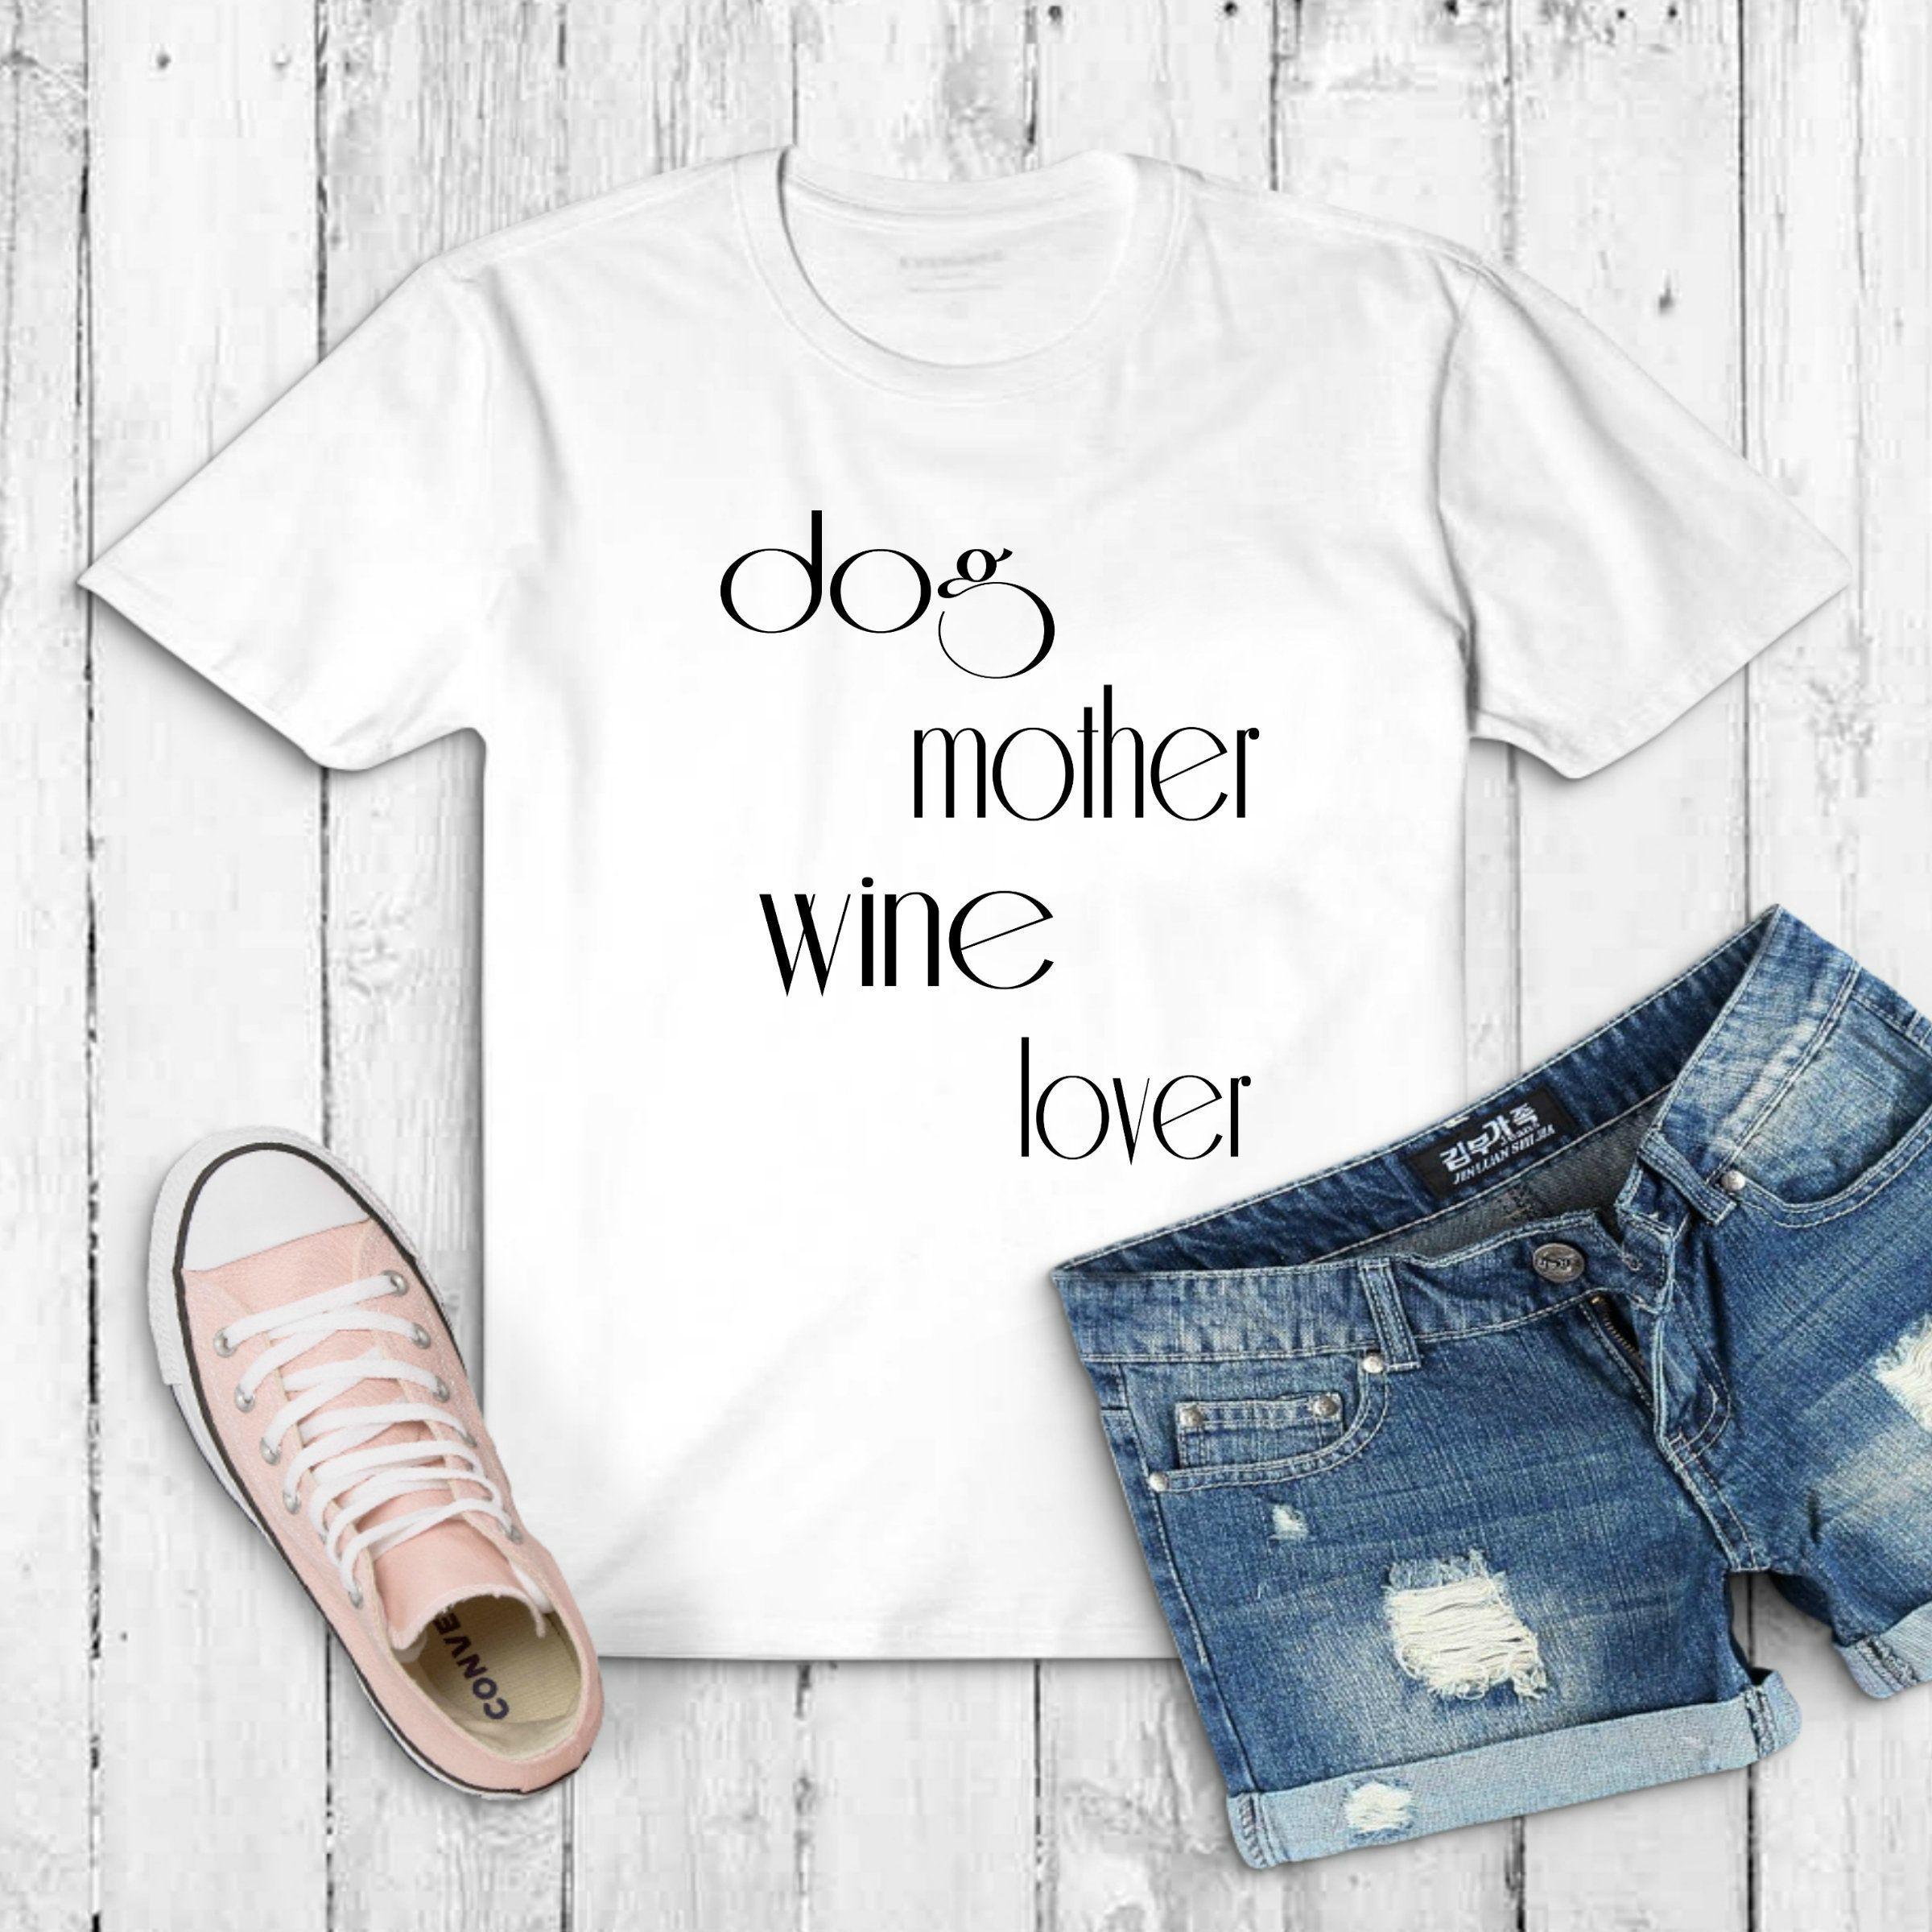 Dog Owner Svg Dog Mother Wine Lover Wine Lover Svg Digital Download Printed Shirts Best Aunt Crazy Sister